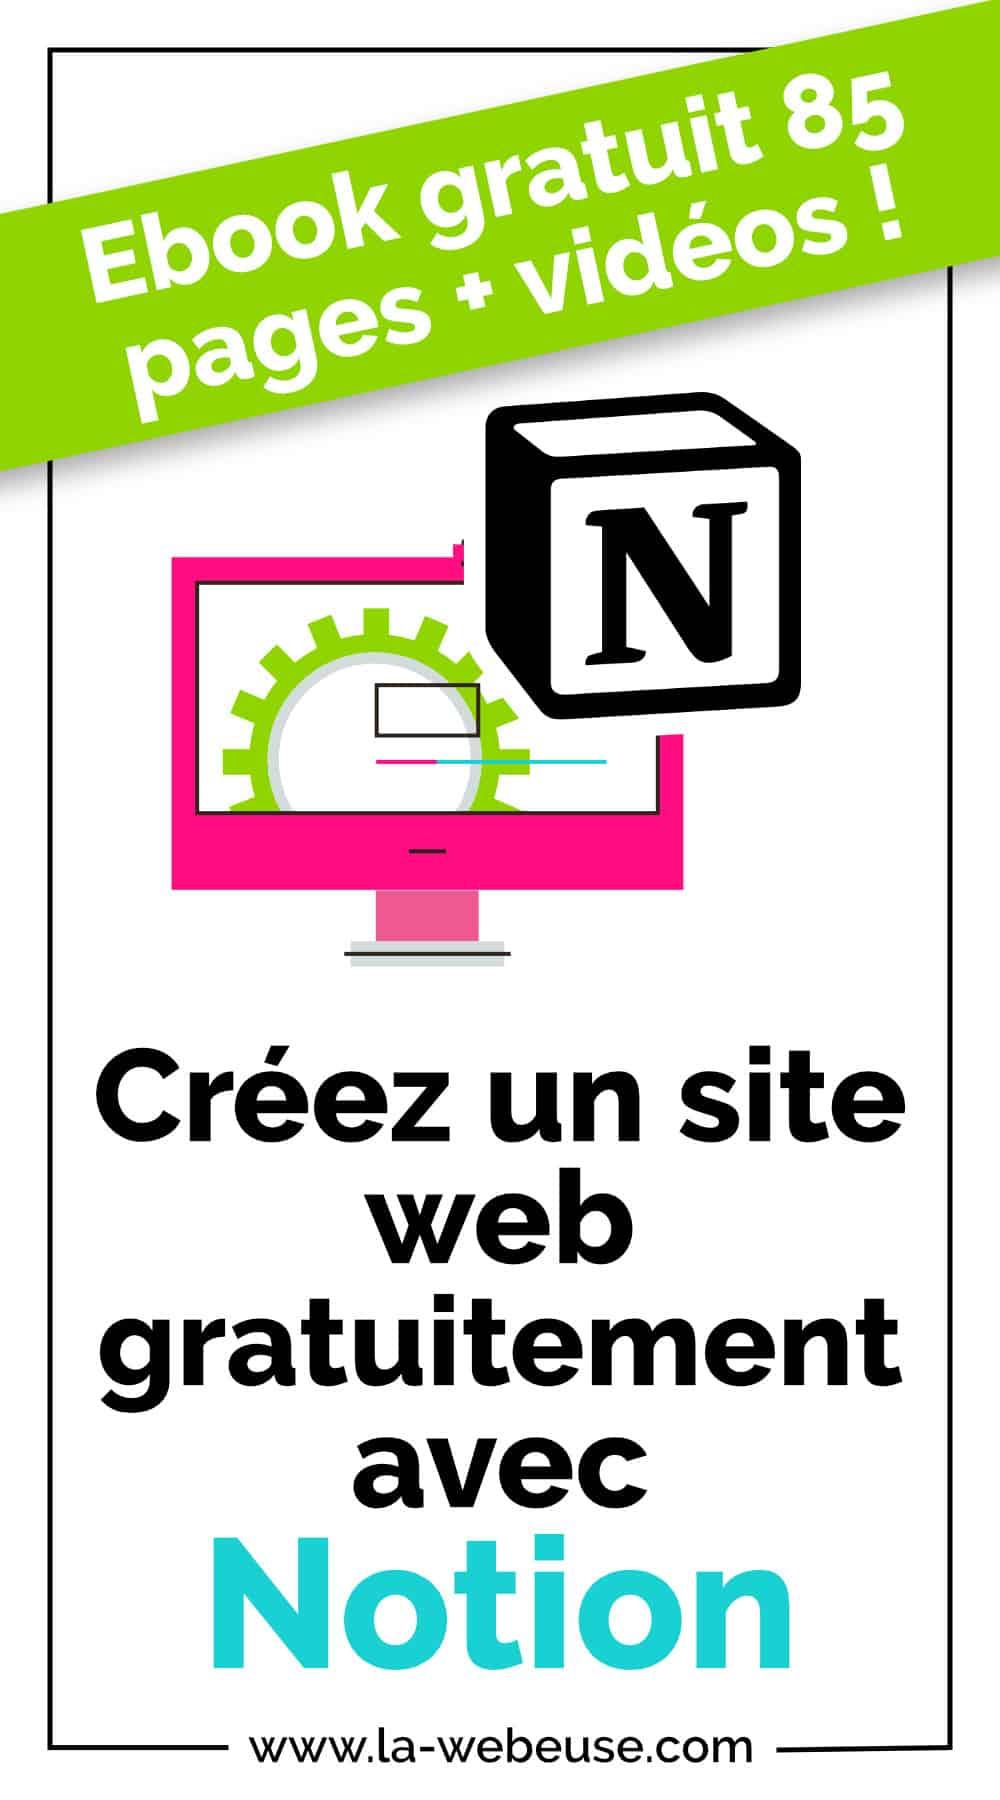 site web gratuit avec notion